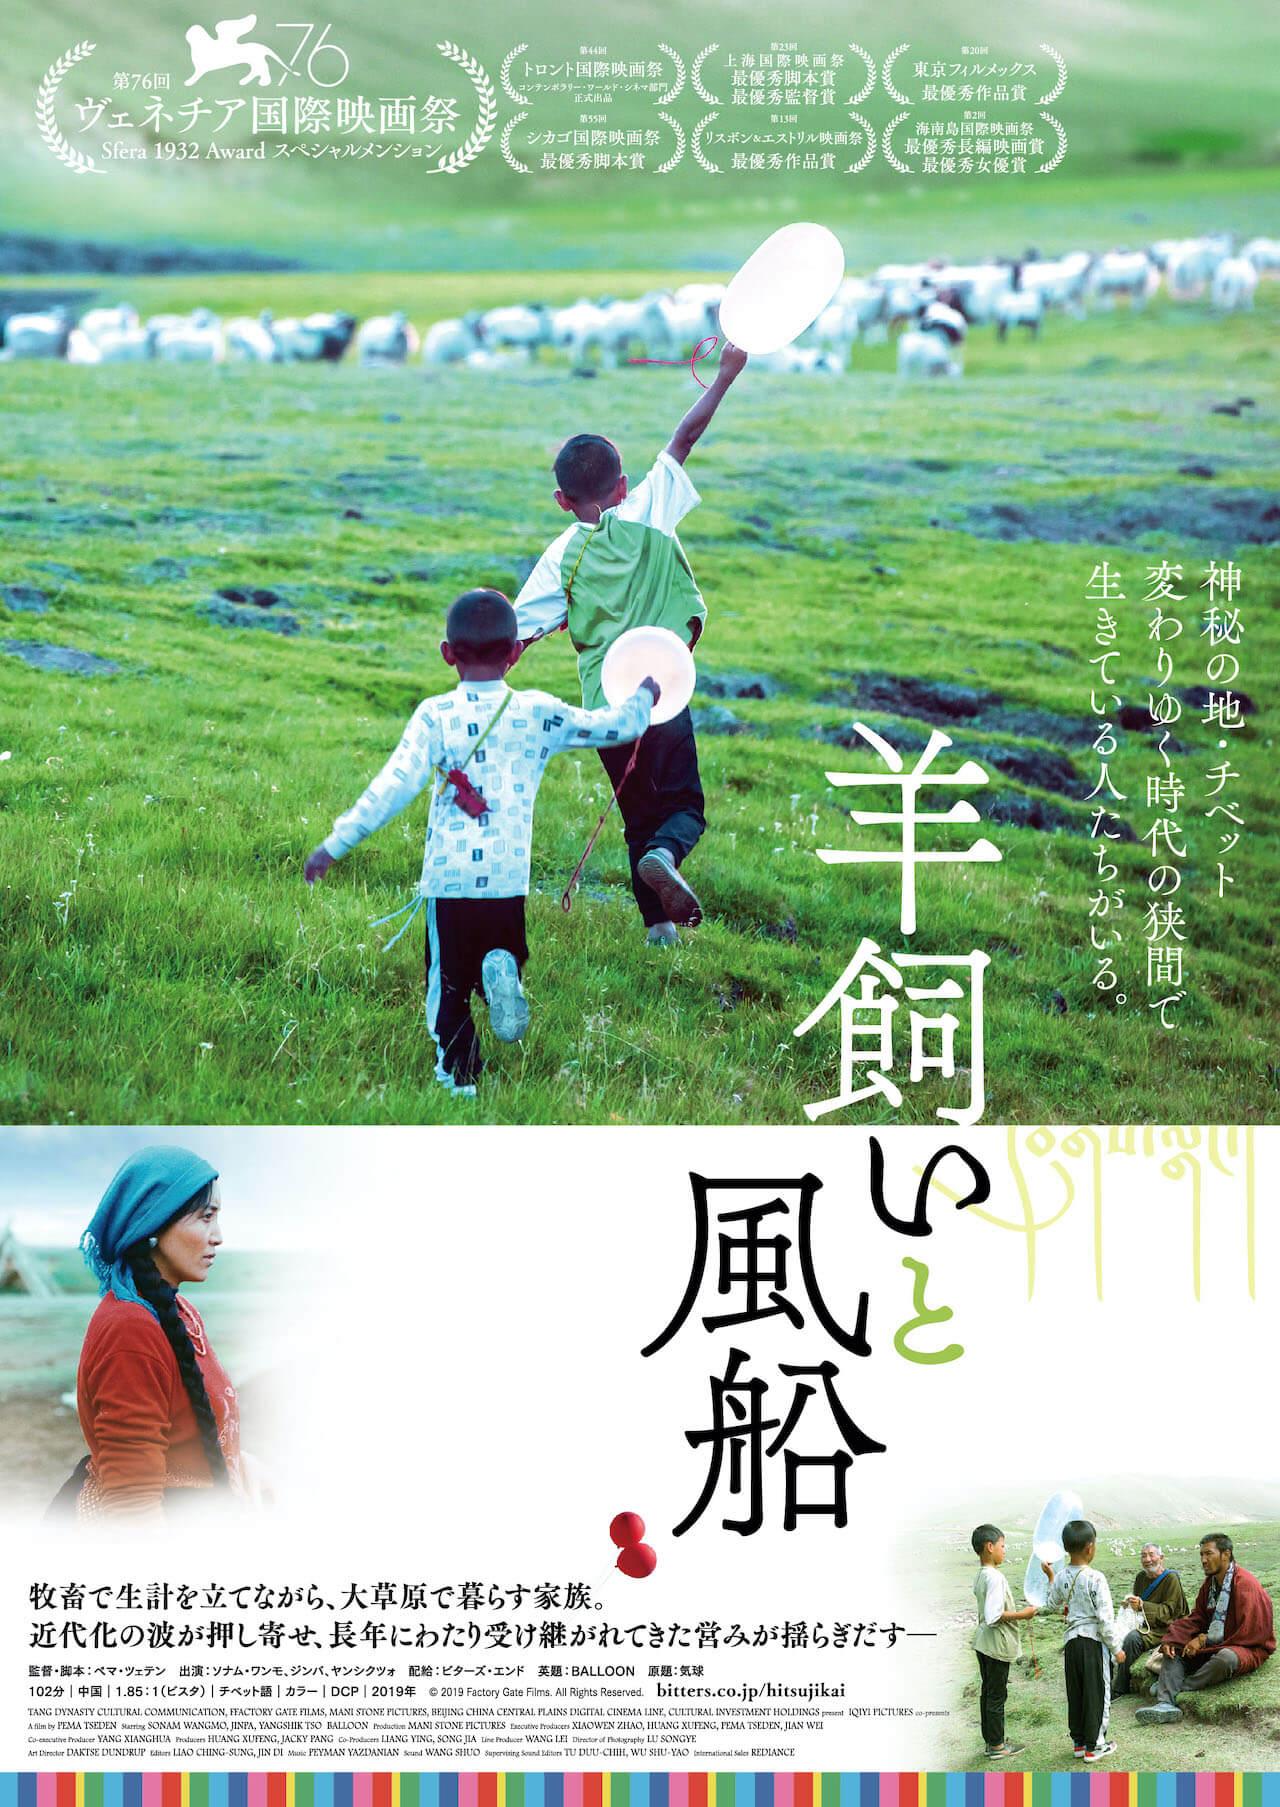 チベットの大草原で伝統と価値観に向き合う。ペマ・ツェテン監督作『羊飼いと風船』が劇場公開 文化を紐解く蔵西氏のイラストも解禁に film210108-hitsujikai-1